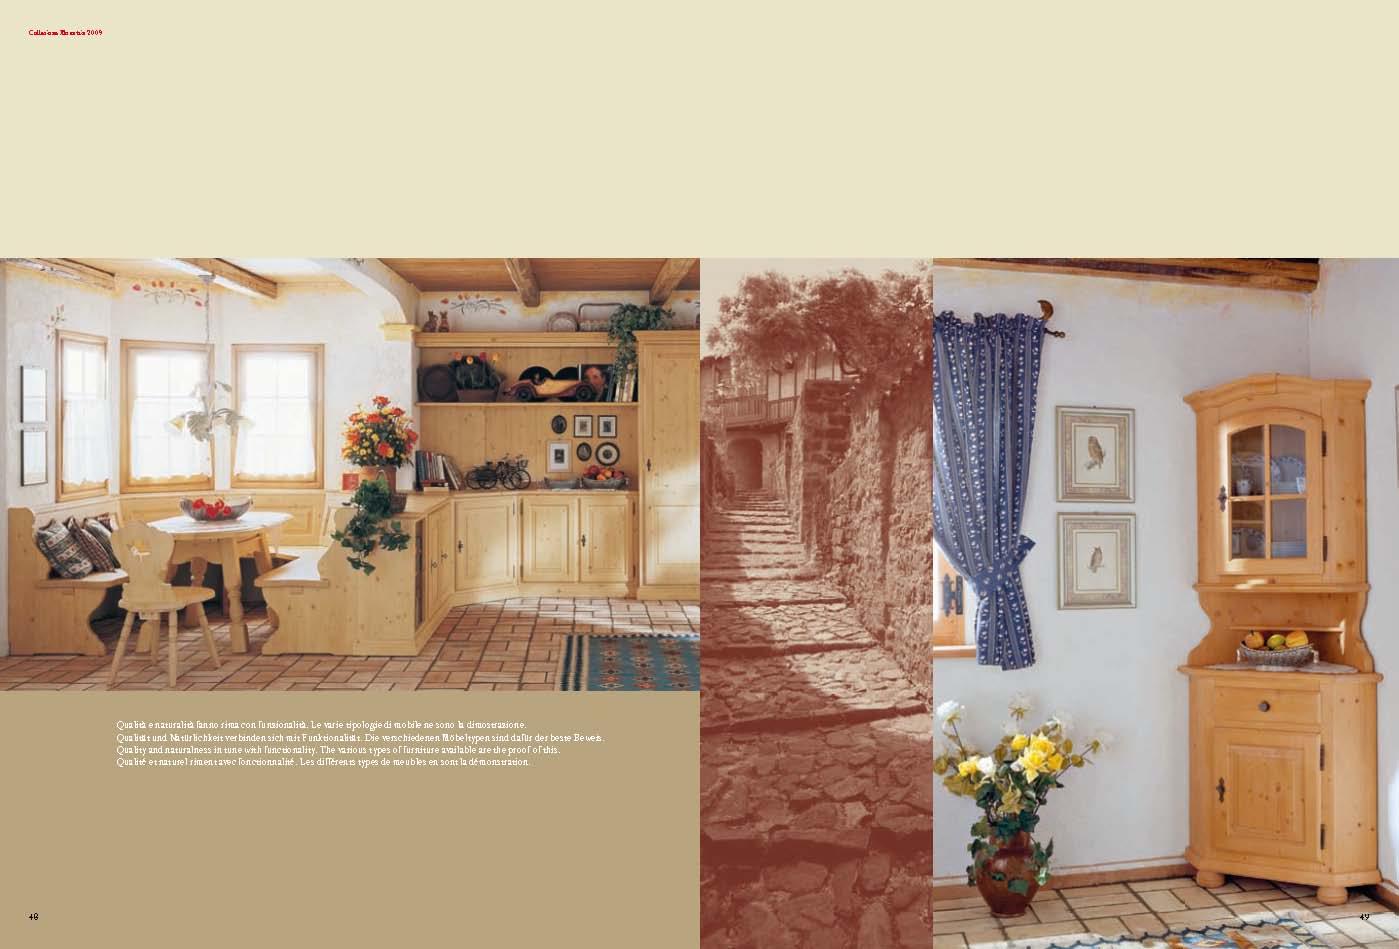 Catalogo-Mountain-Corvara-p.48-49